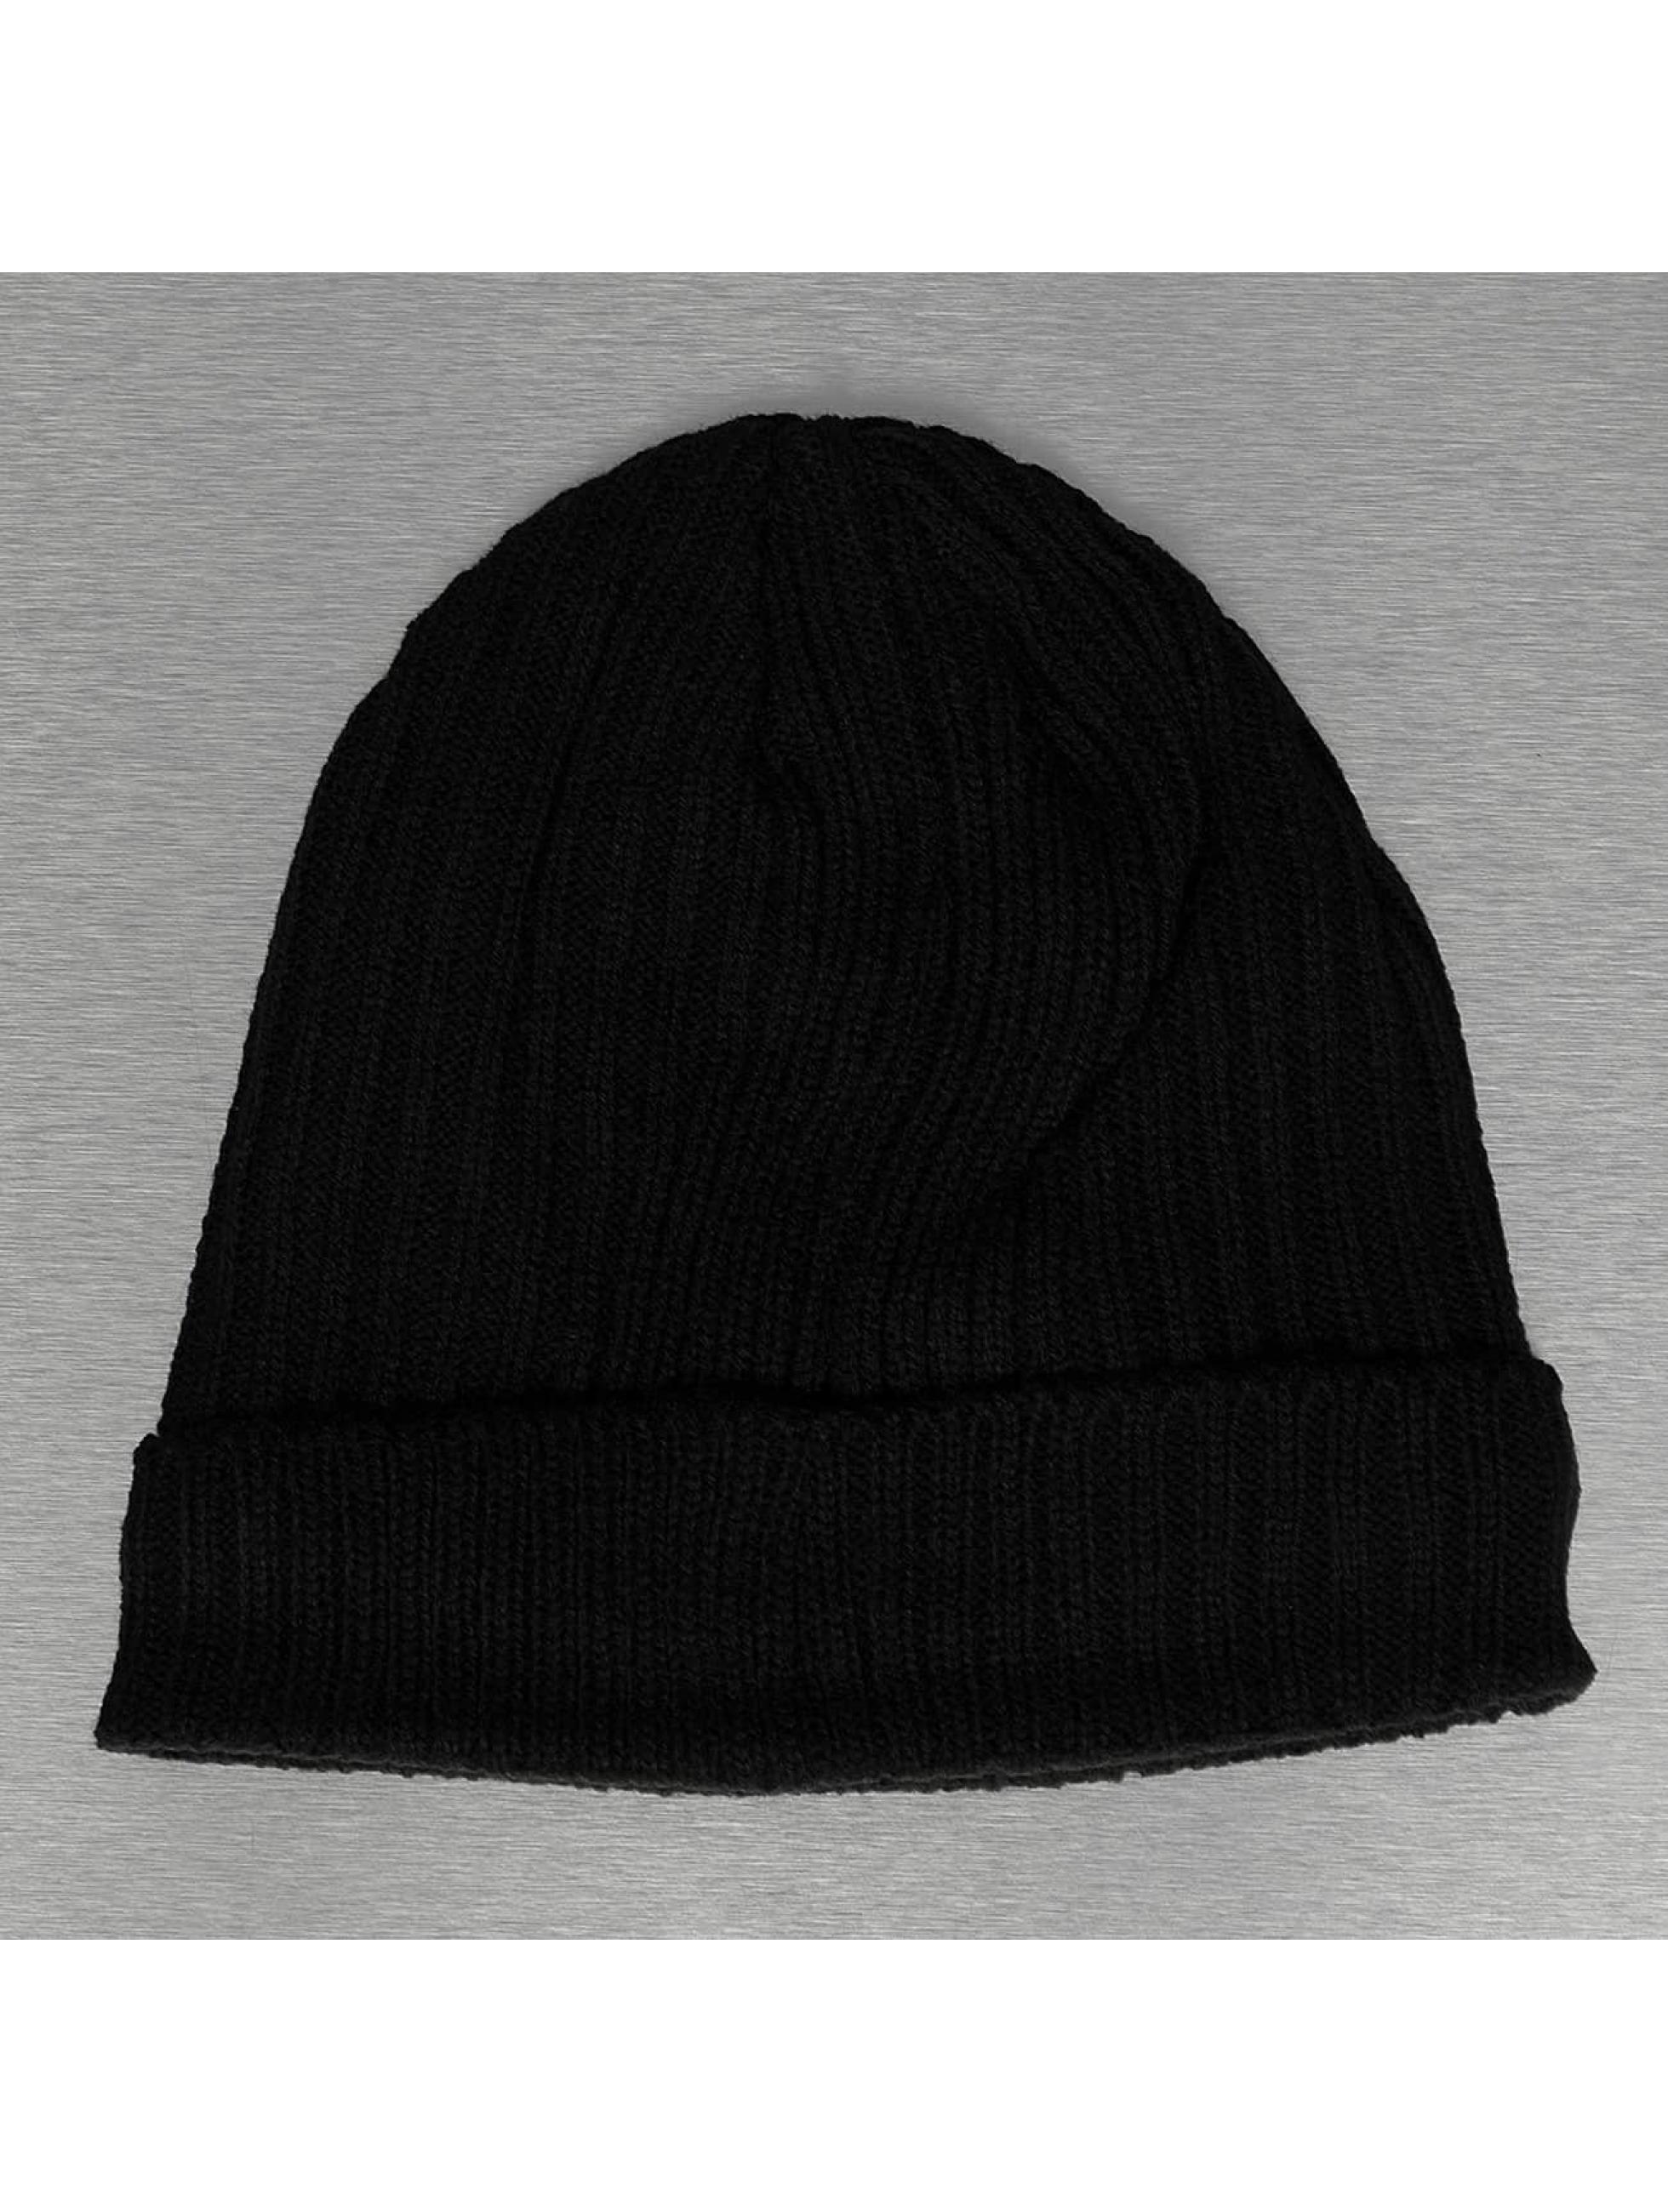 Urban Classics шляпа Set черный